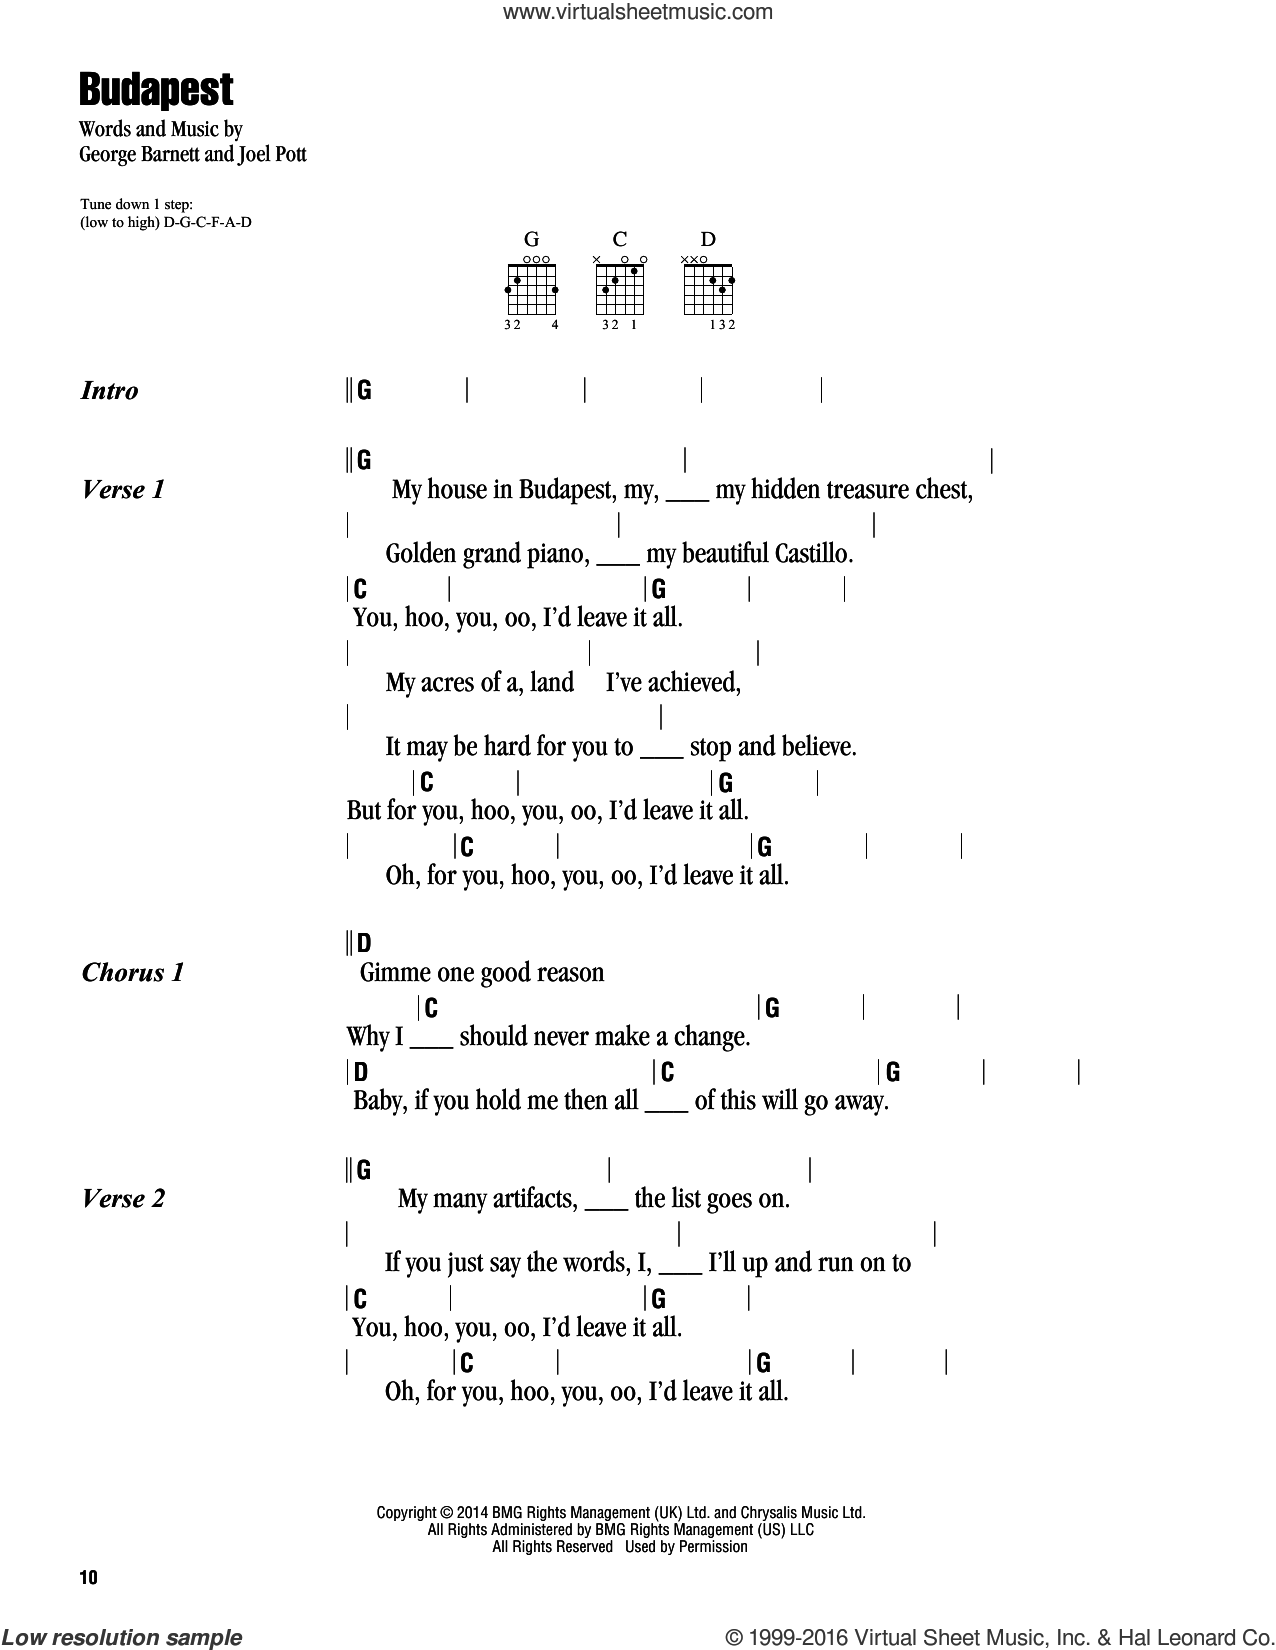 Ezra - Budapest sheet music for guitar (chords) [PDF]